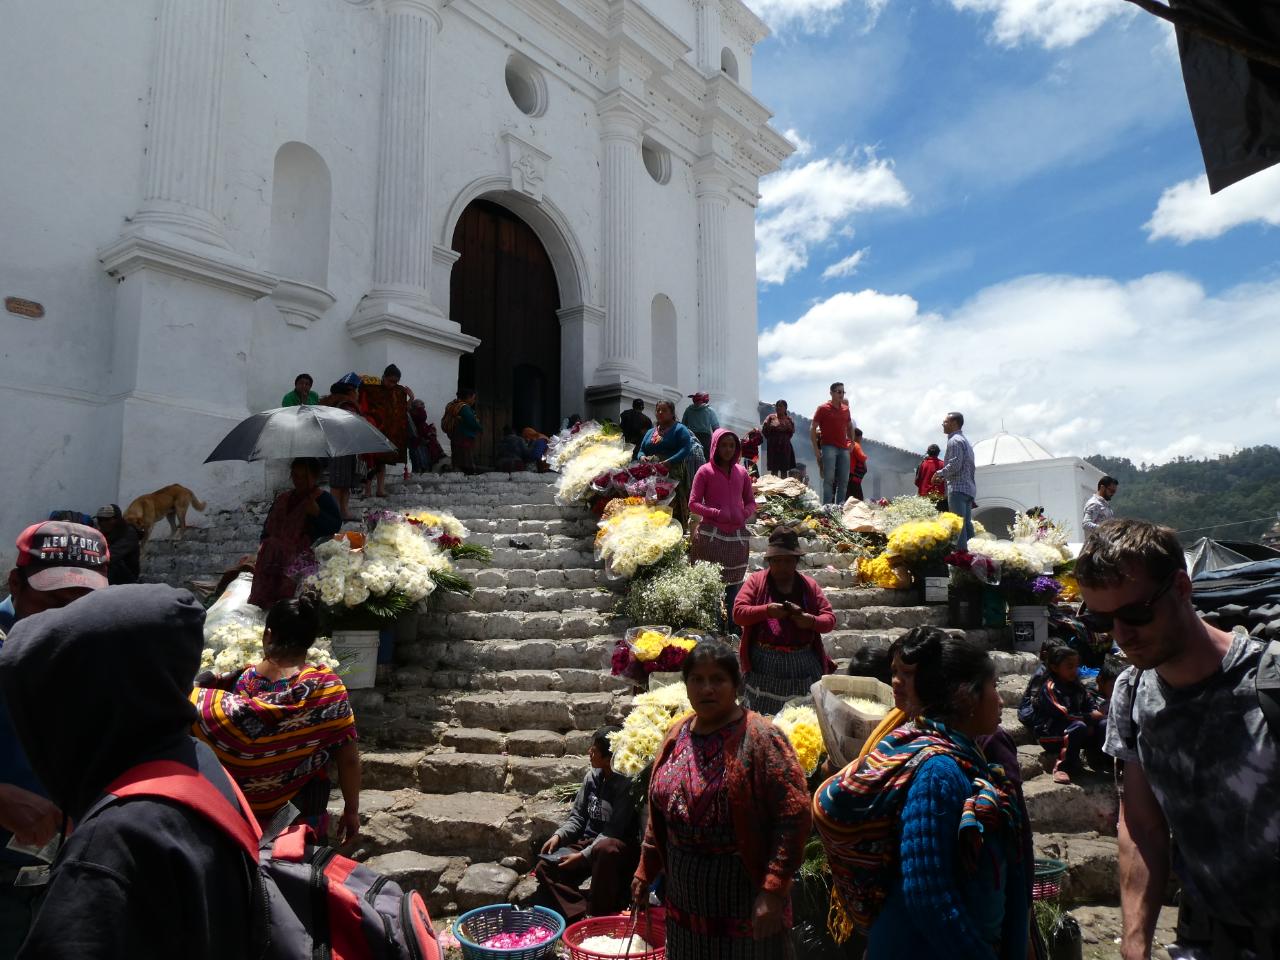 Photo 2: Le marché coloré de Chichicastenango au Guatemala